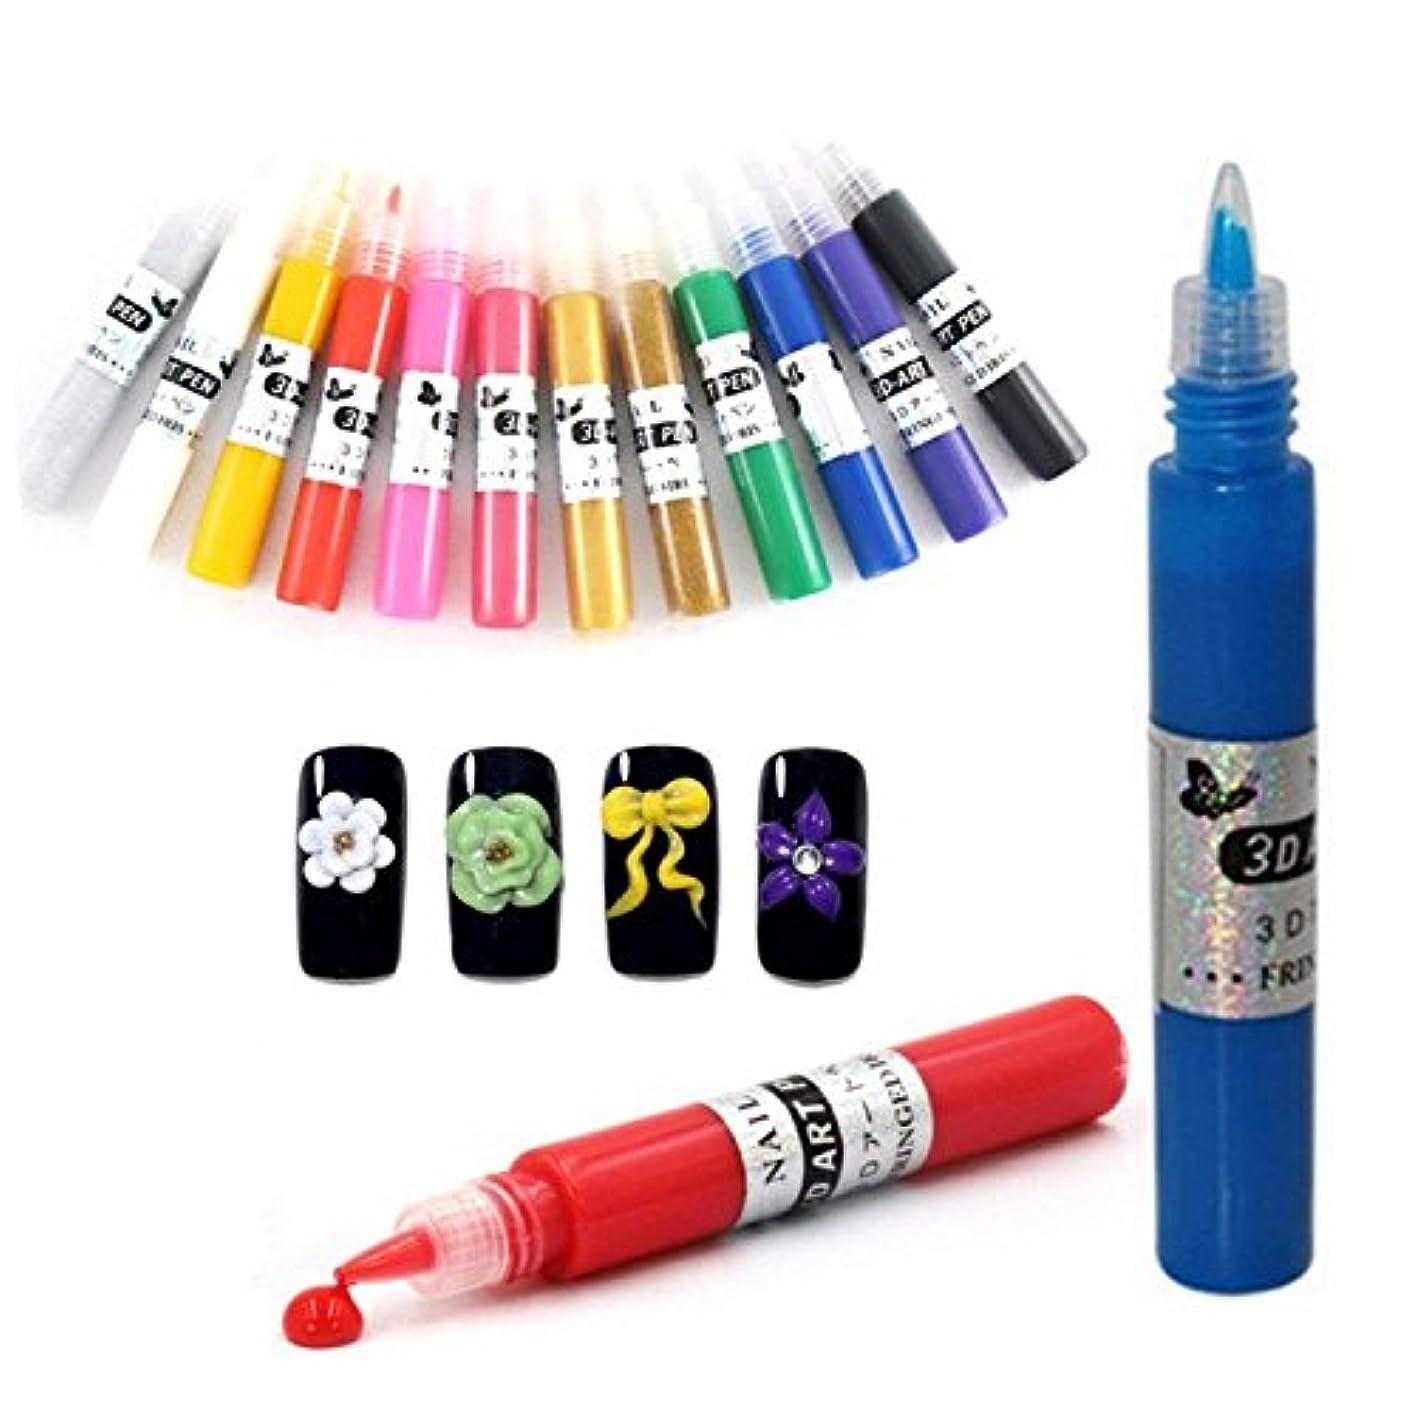 虫洪水によるとネイルアートペン  3Dネイルアートペン ネイルマニキュア液 ペイントペン DIY 12色